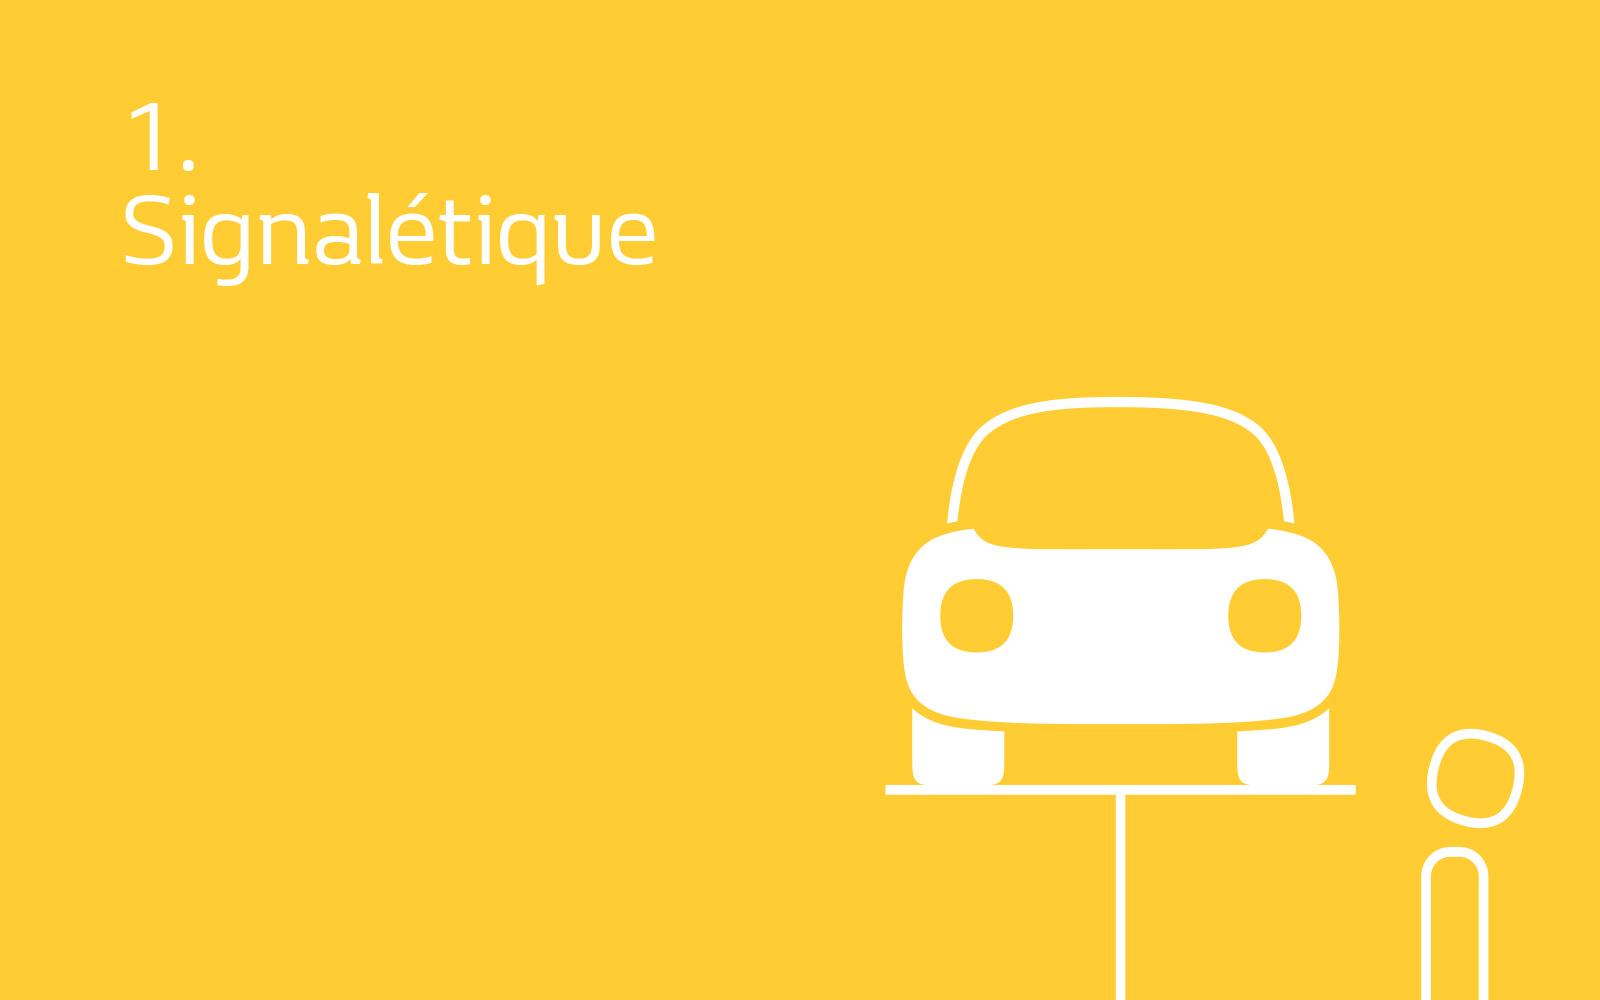 Pictogrammes Renault 2015 signaletique 01